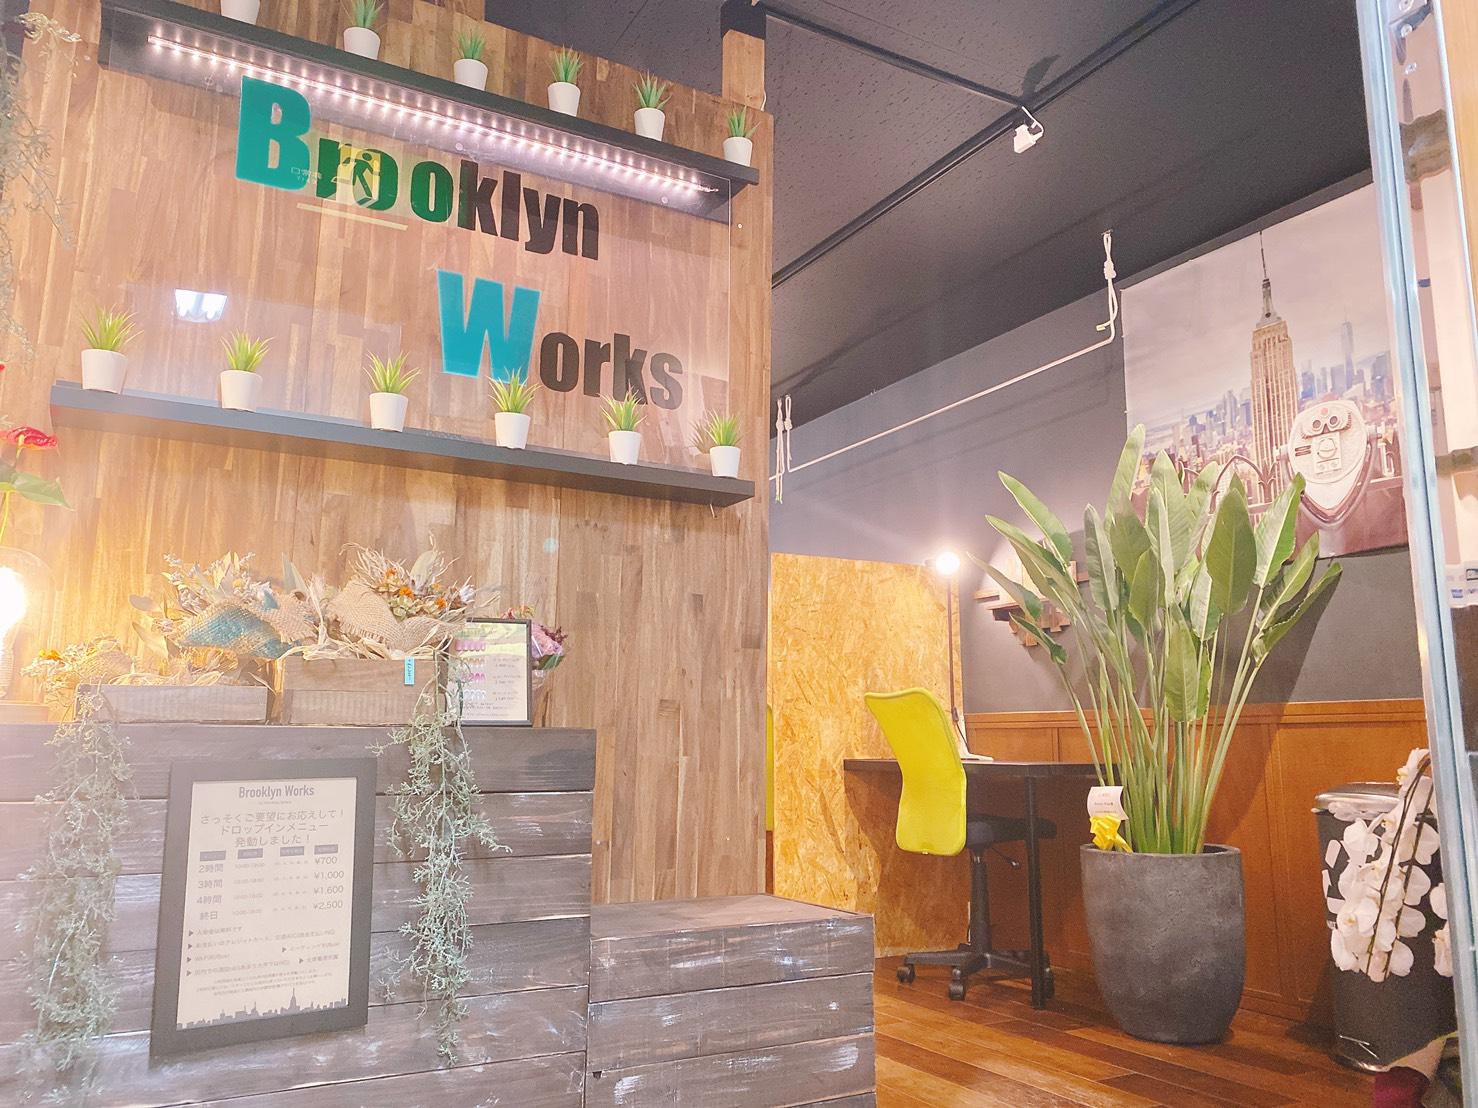 神奈川県横浜市鶴見区にあるBrooklyn Works